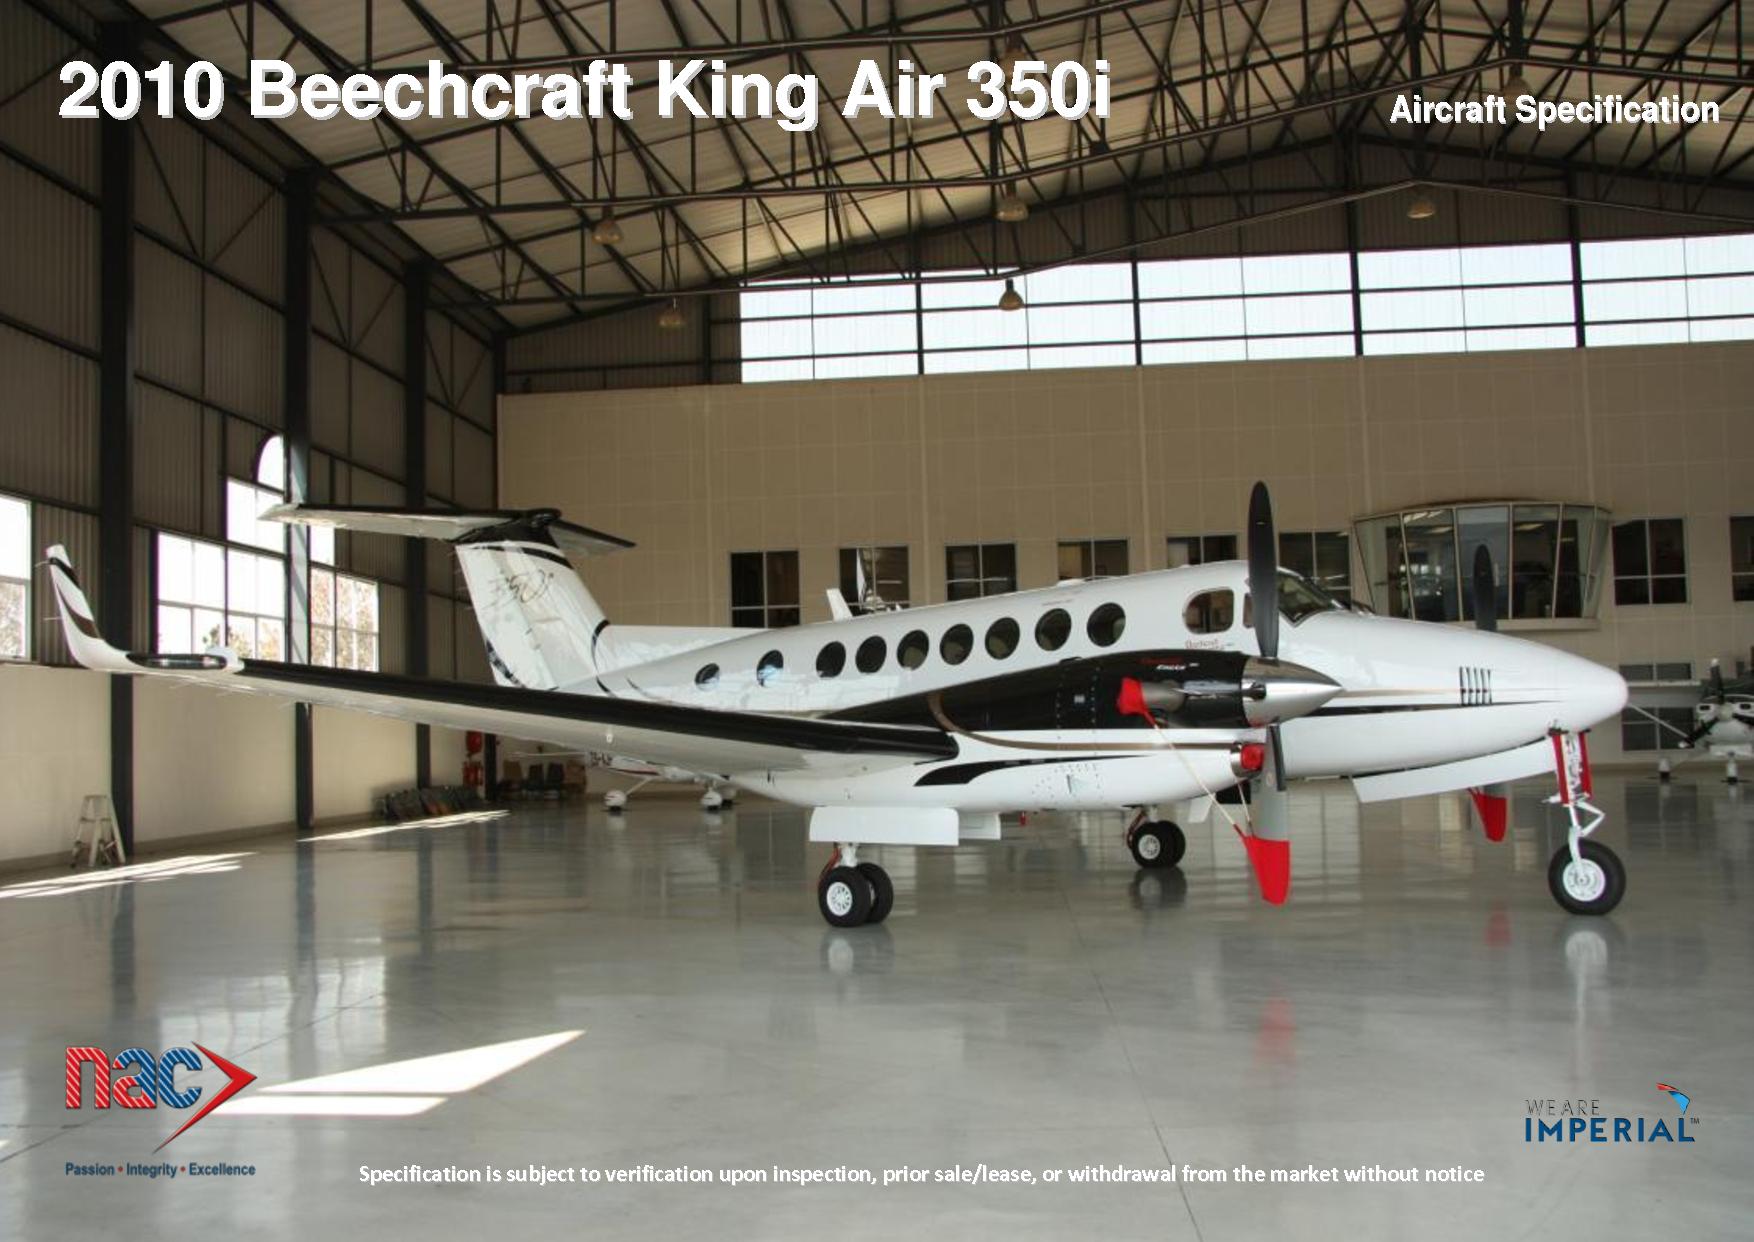 FL701 2010 Beechcraft King Air 350i General aviation